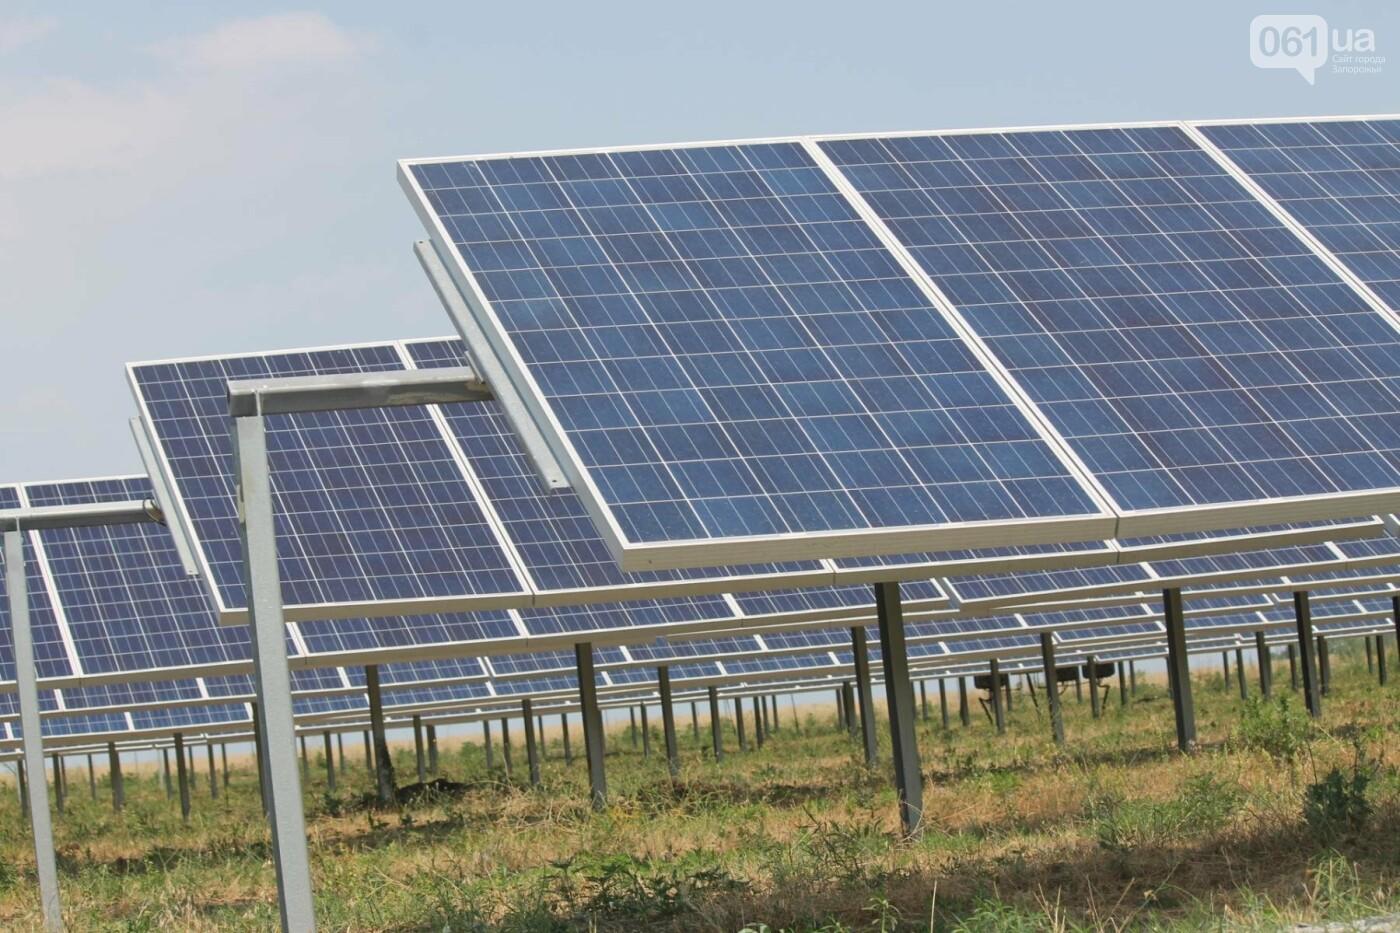 Как в Запорожской области работает крупнейшая в Украине солнечная станция: экскурсия на производство, — ФОТОРЕПОРТАЖ, фото-8